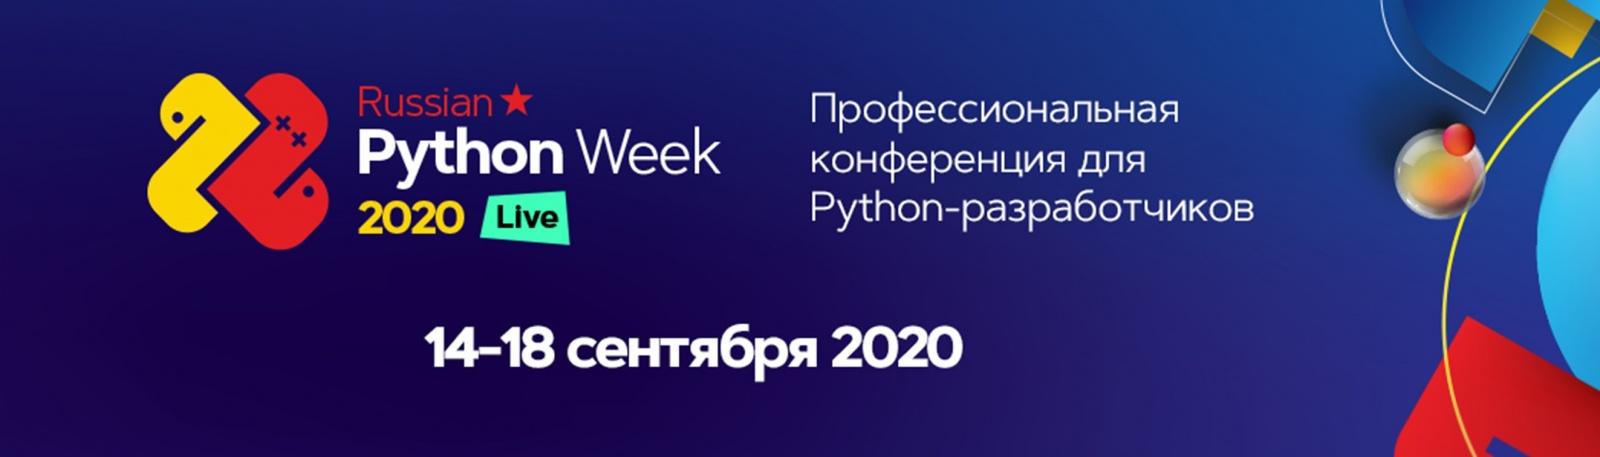 «Я что-то накодил и все упало»: провалы в Python-разработке на Russian Python Week 2020 - 1